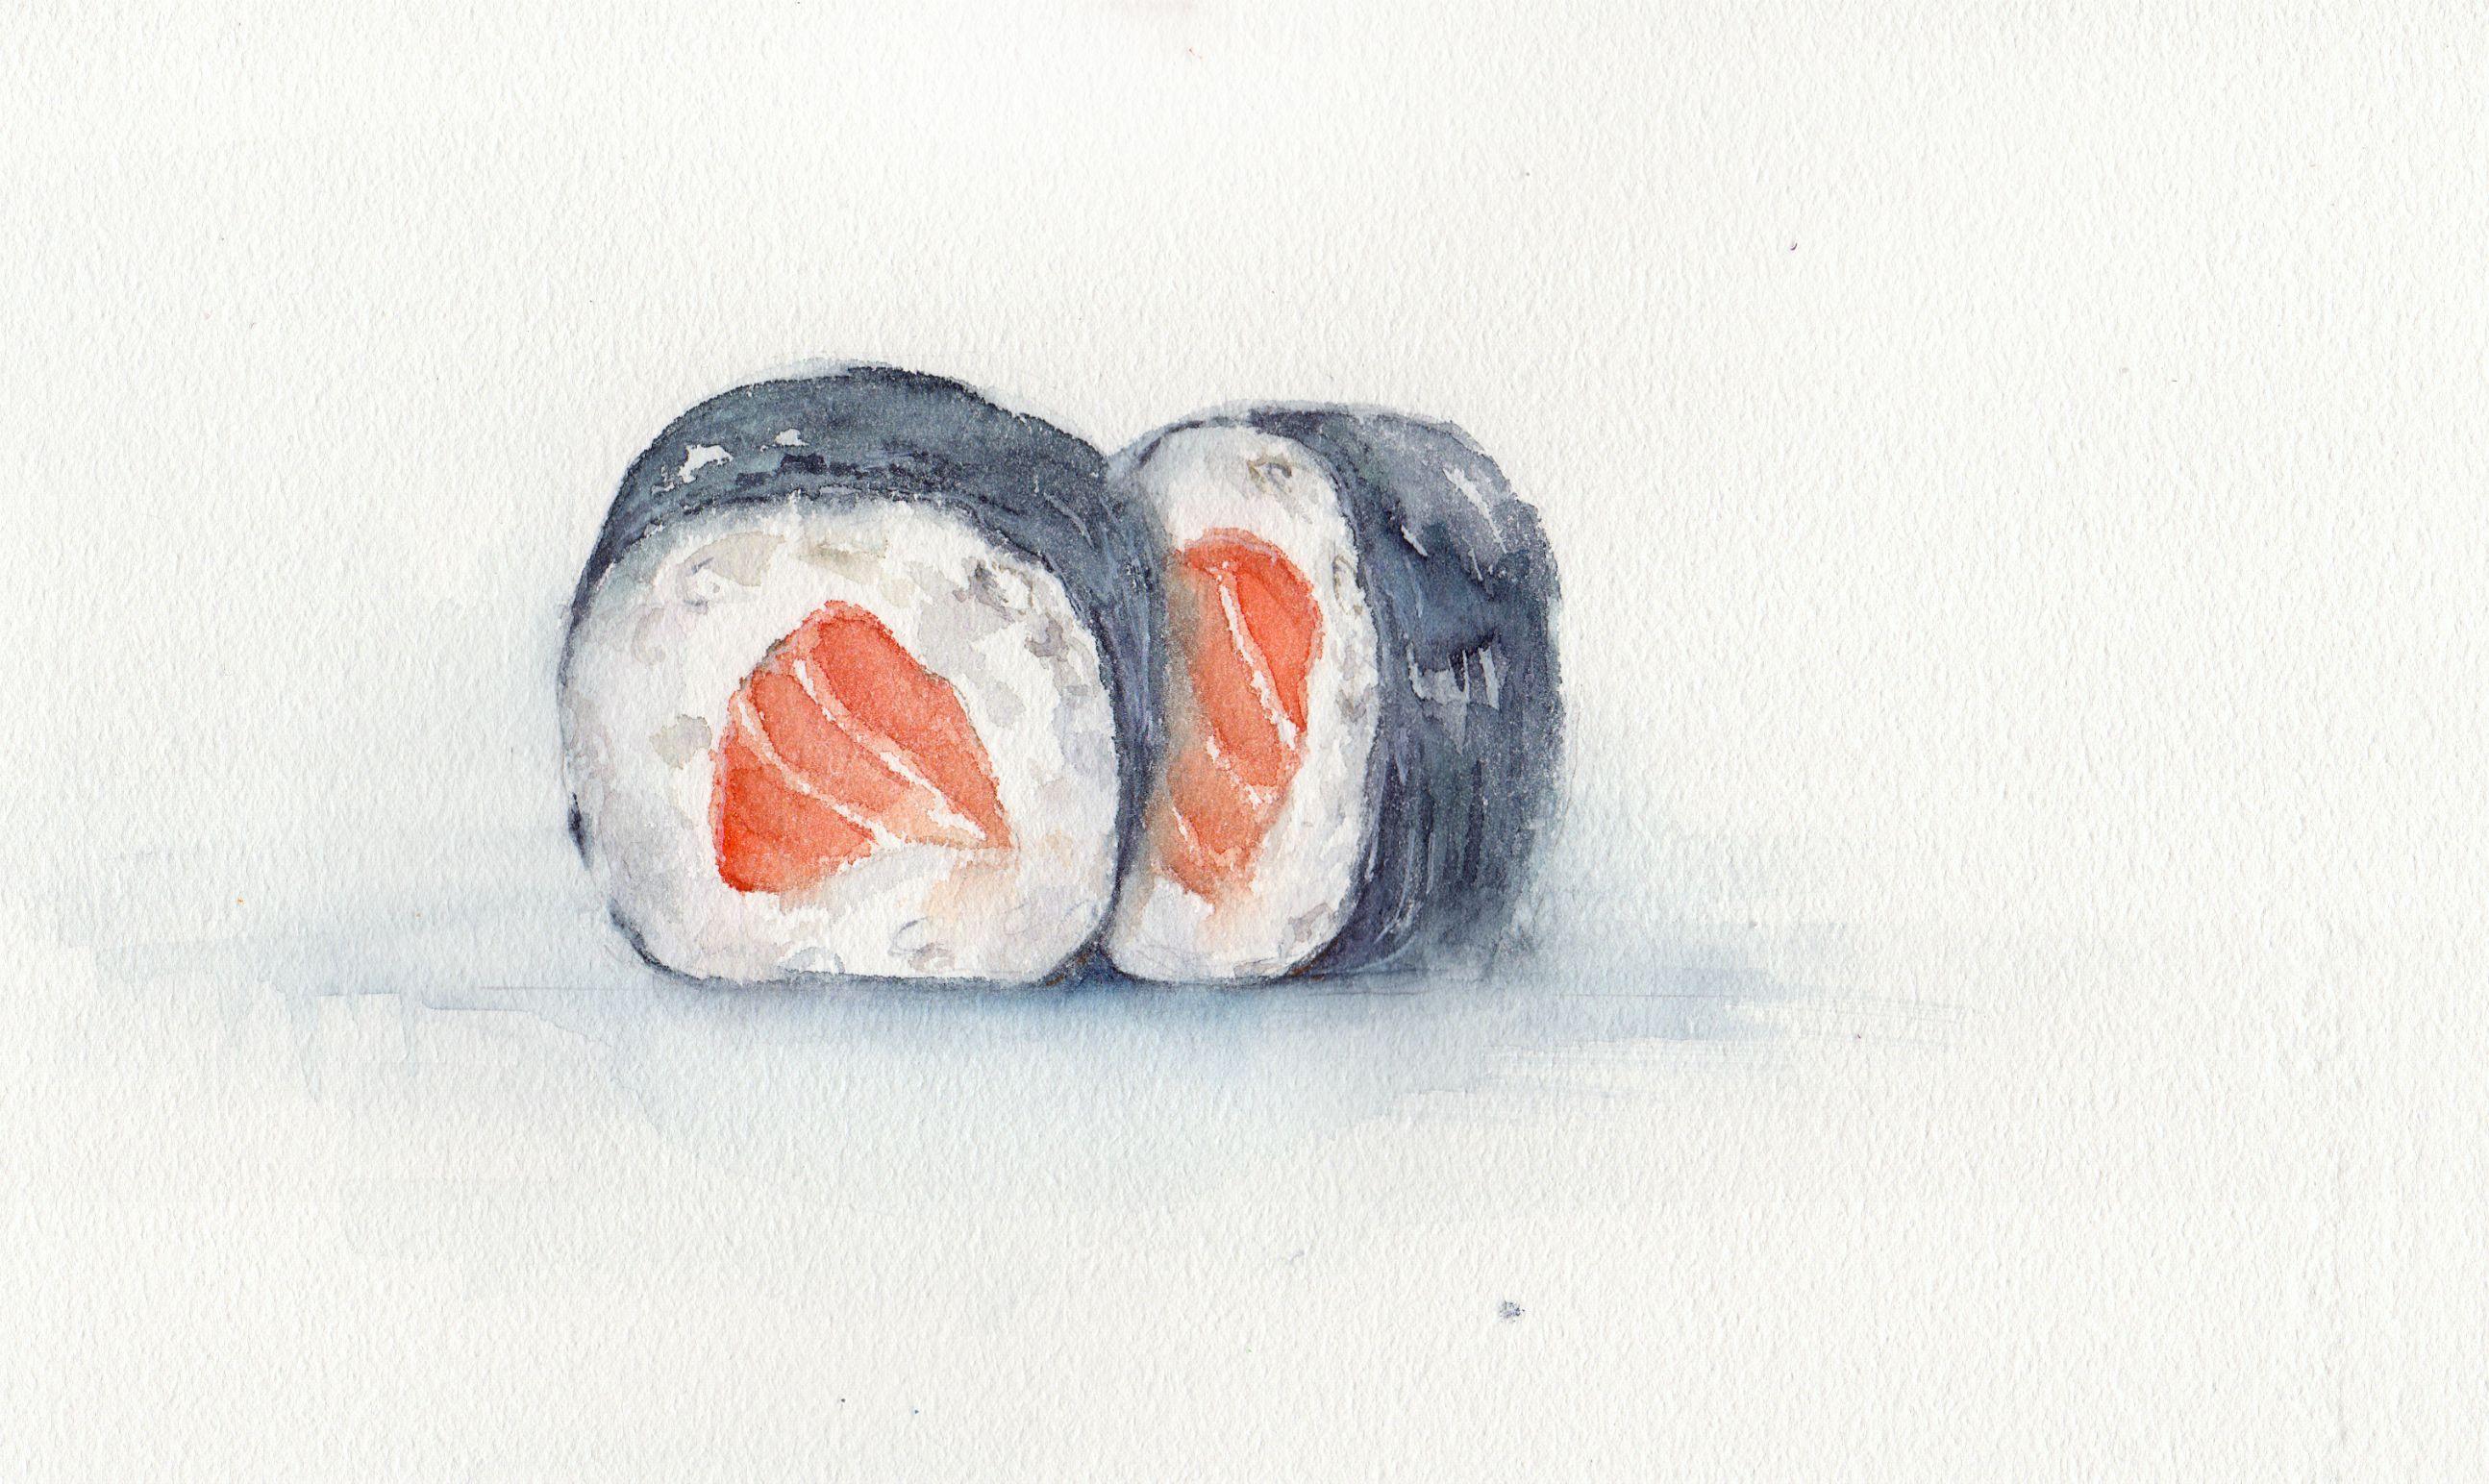 особенность суши рисунки красками идеальным